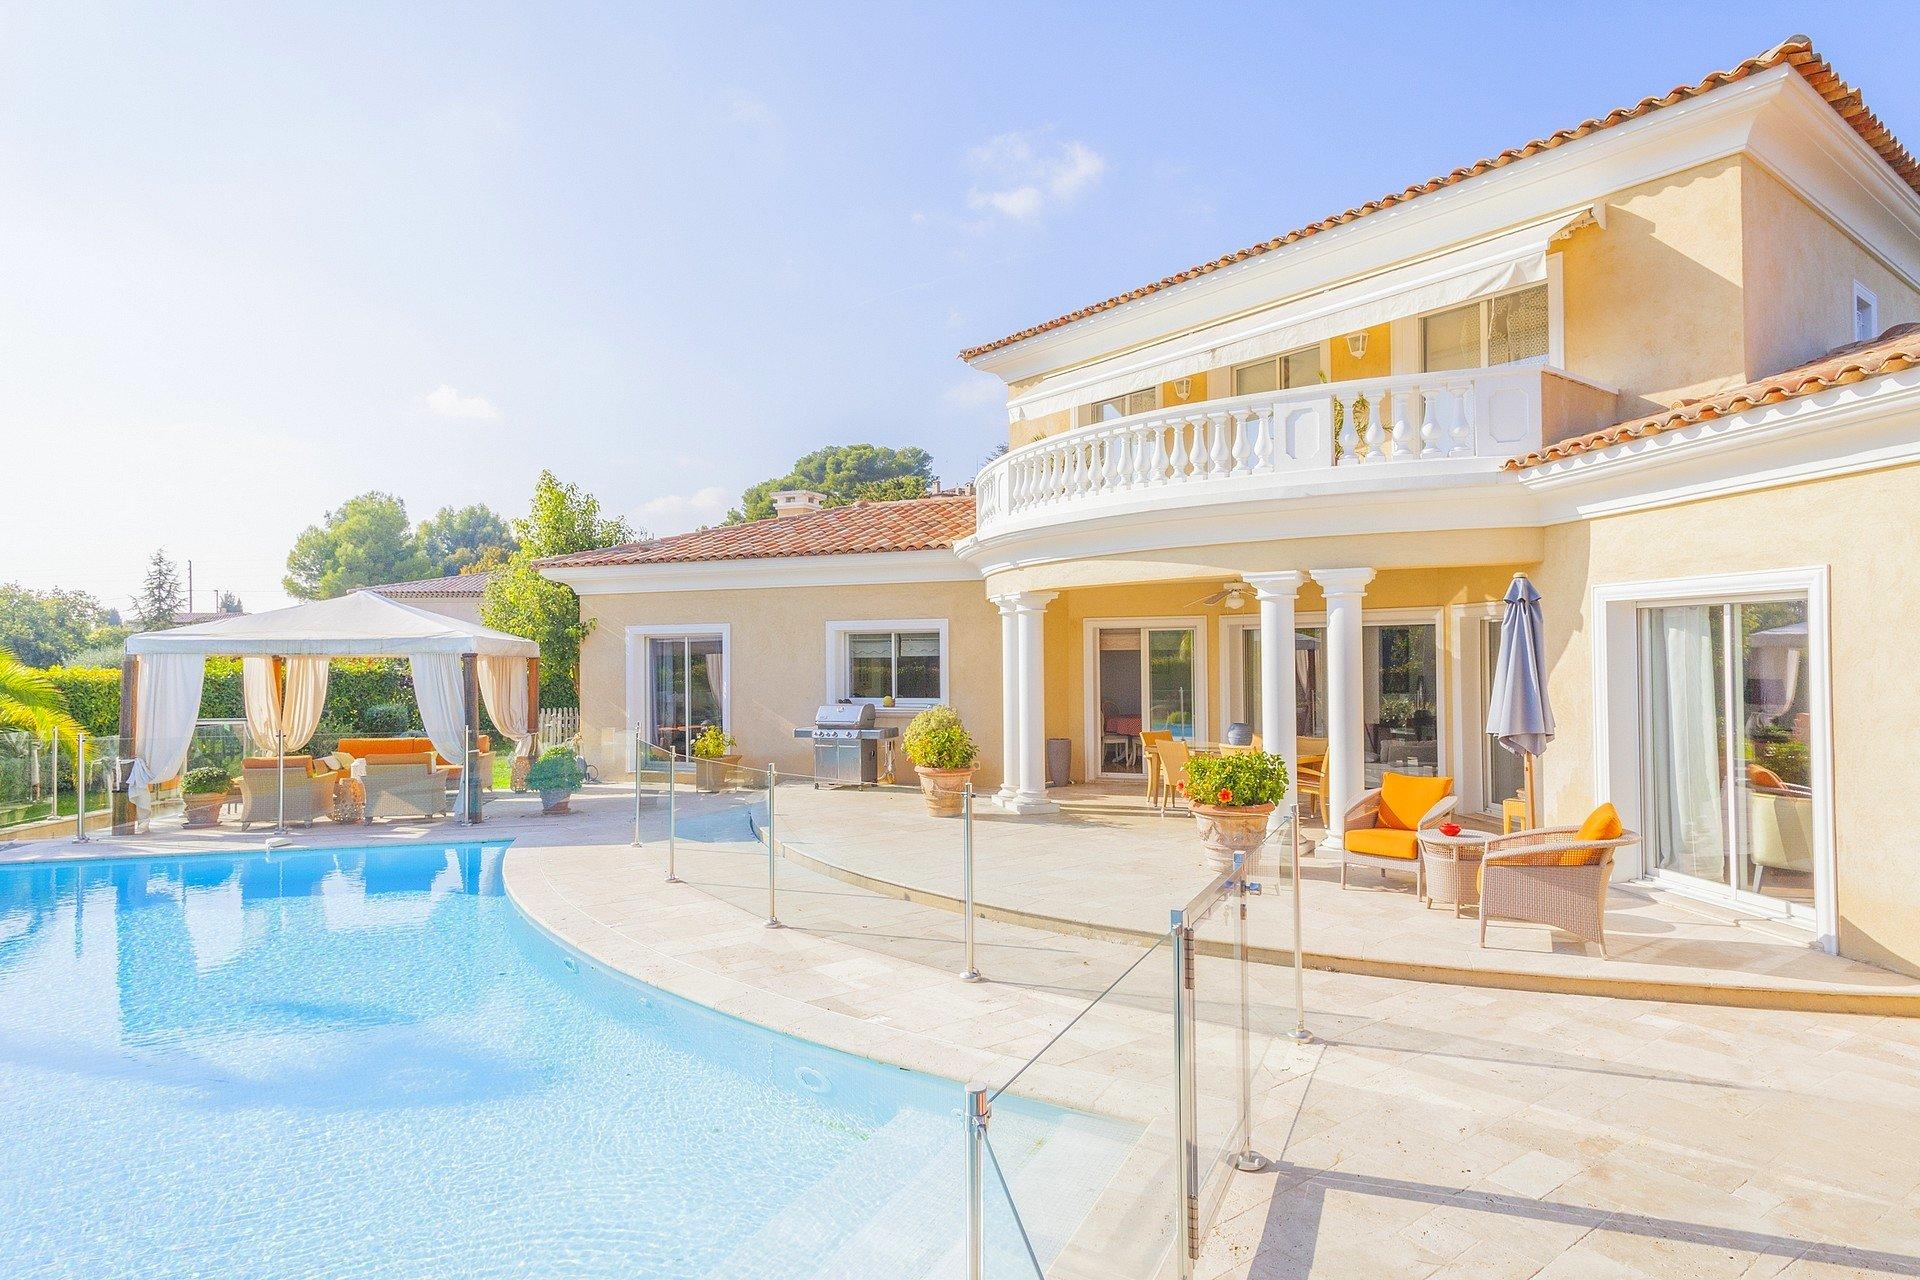 Saint-Paul de Vence trés belle villa provençale